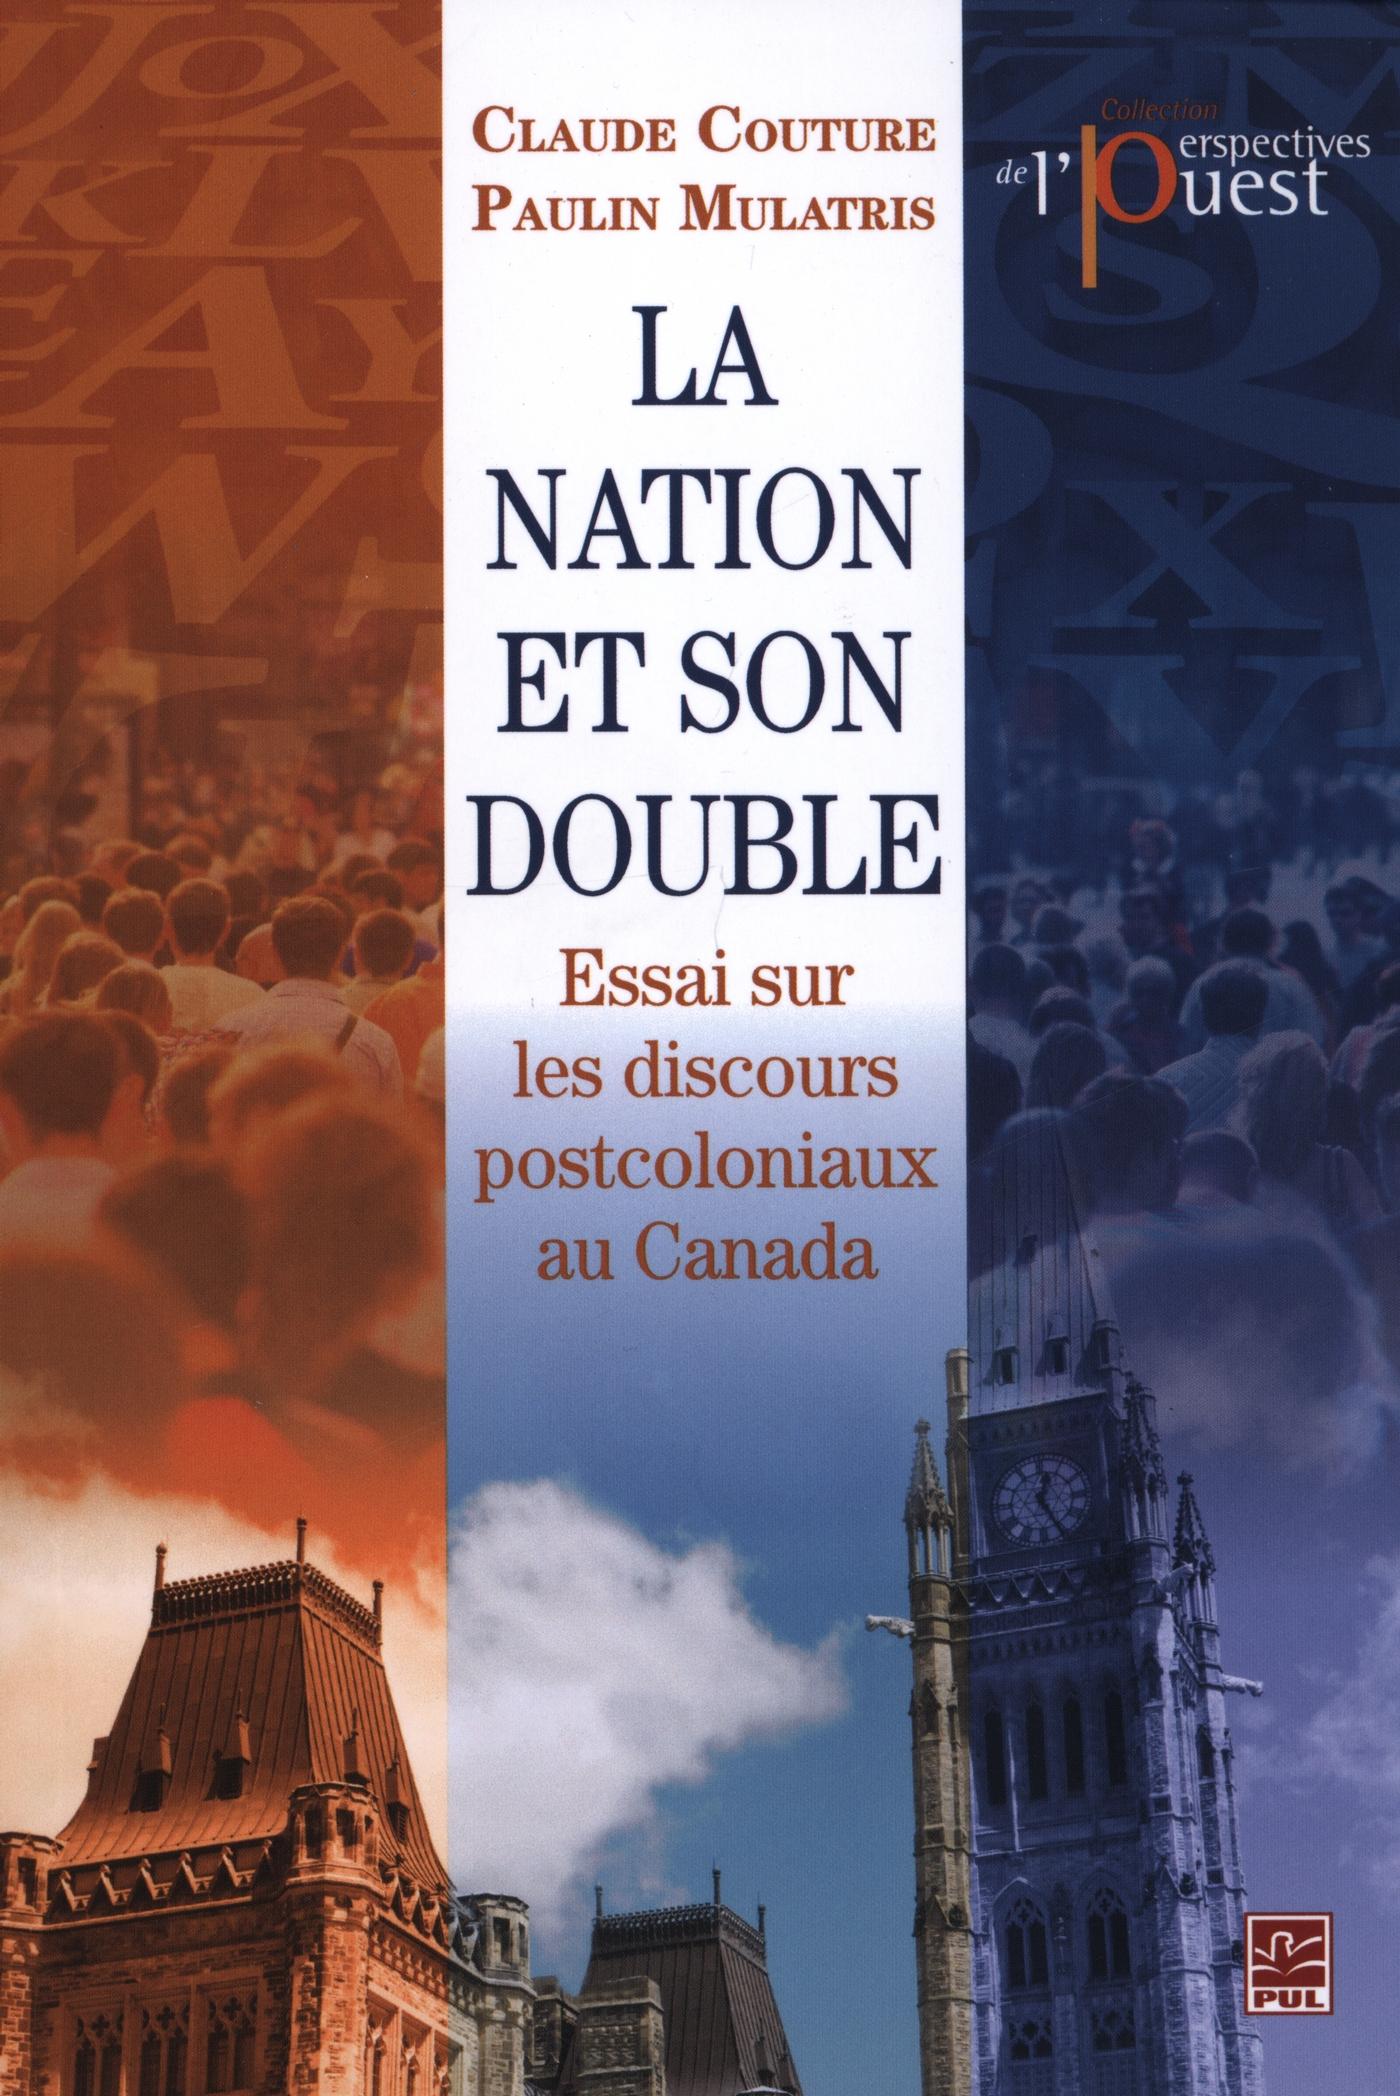 La Nation et son double